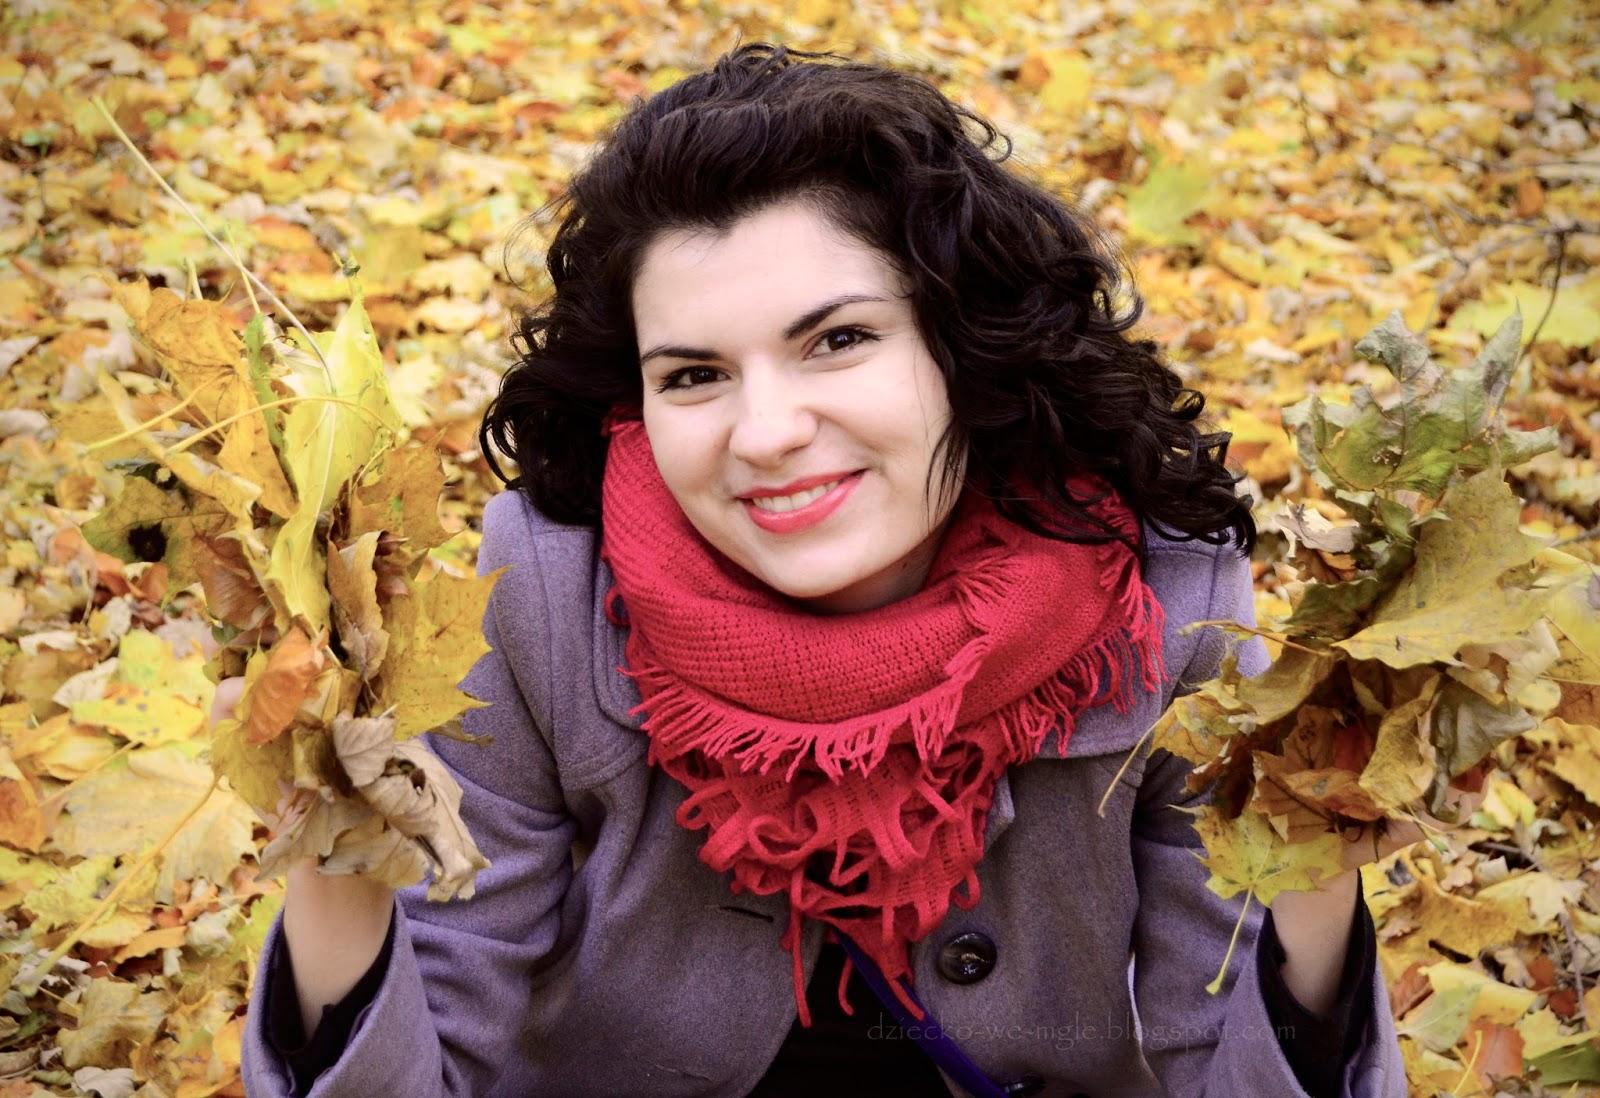 http://hairwitchproject.blogspot.com/2016/10/precz-jesiennej-chandrze-rozdanie-dla.html